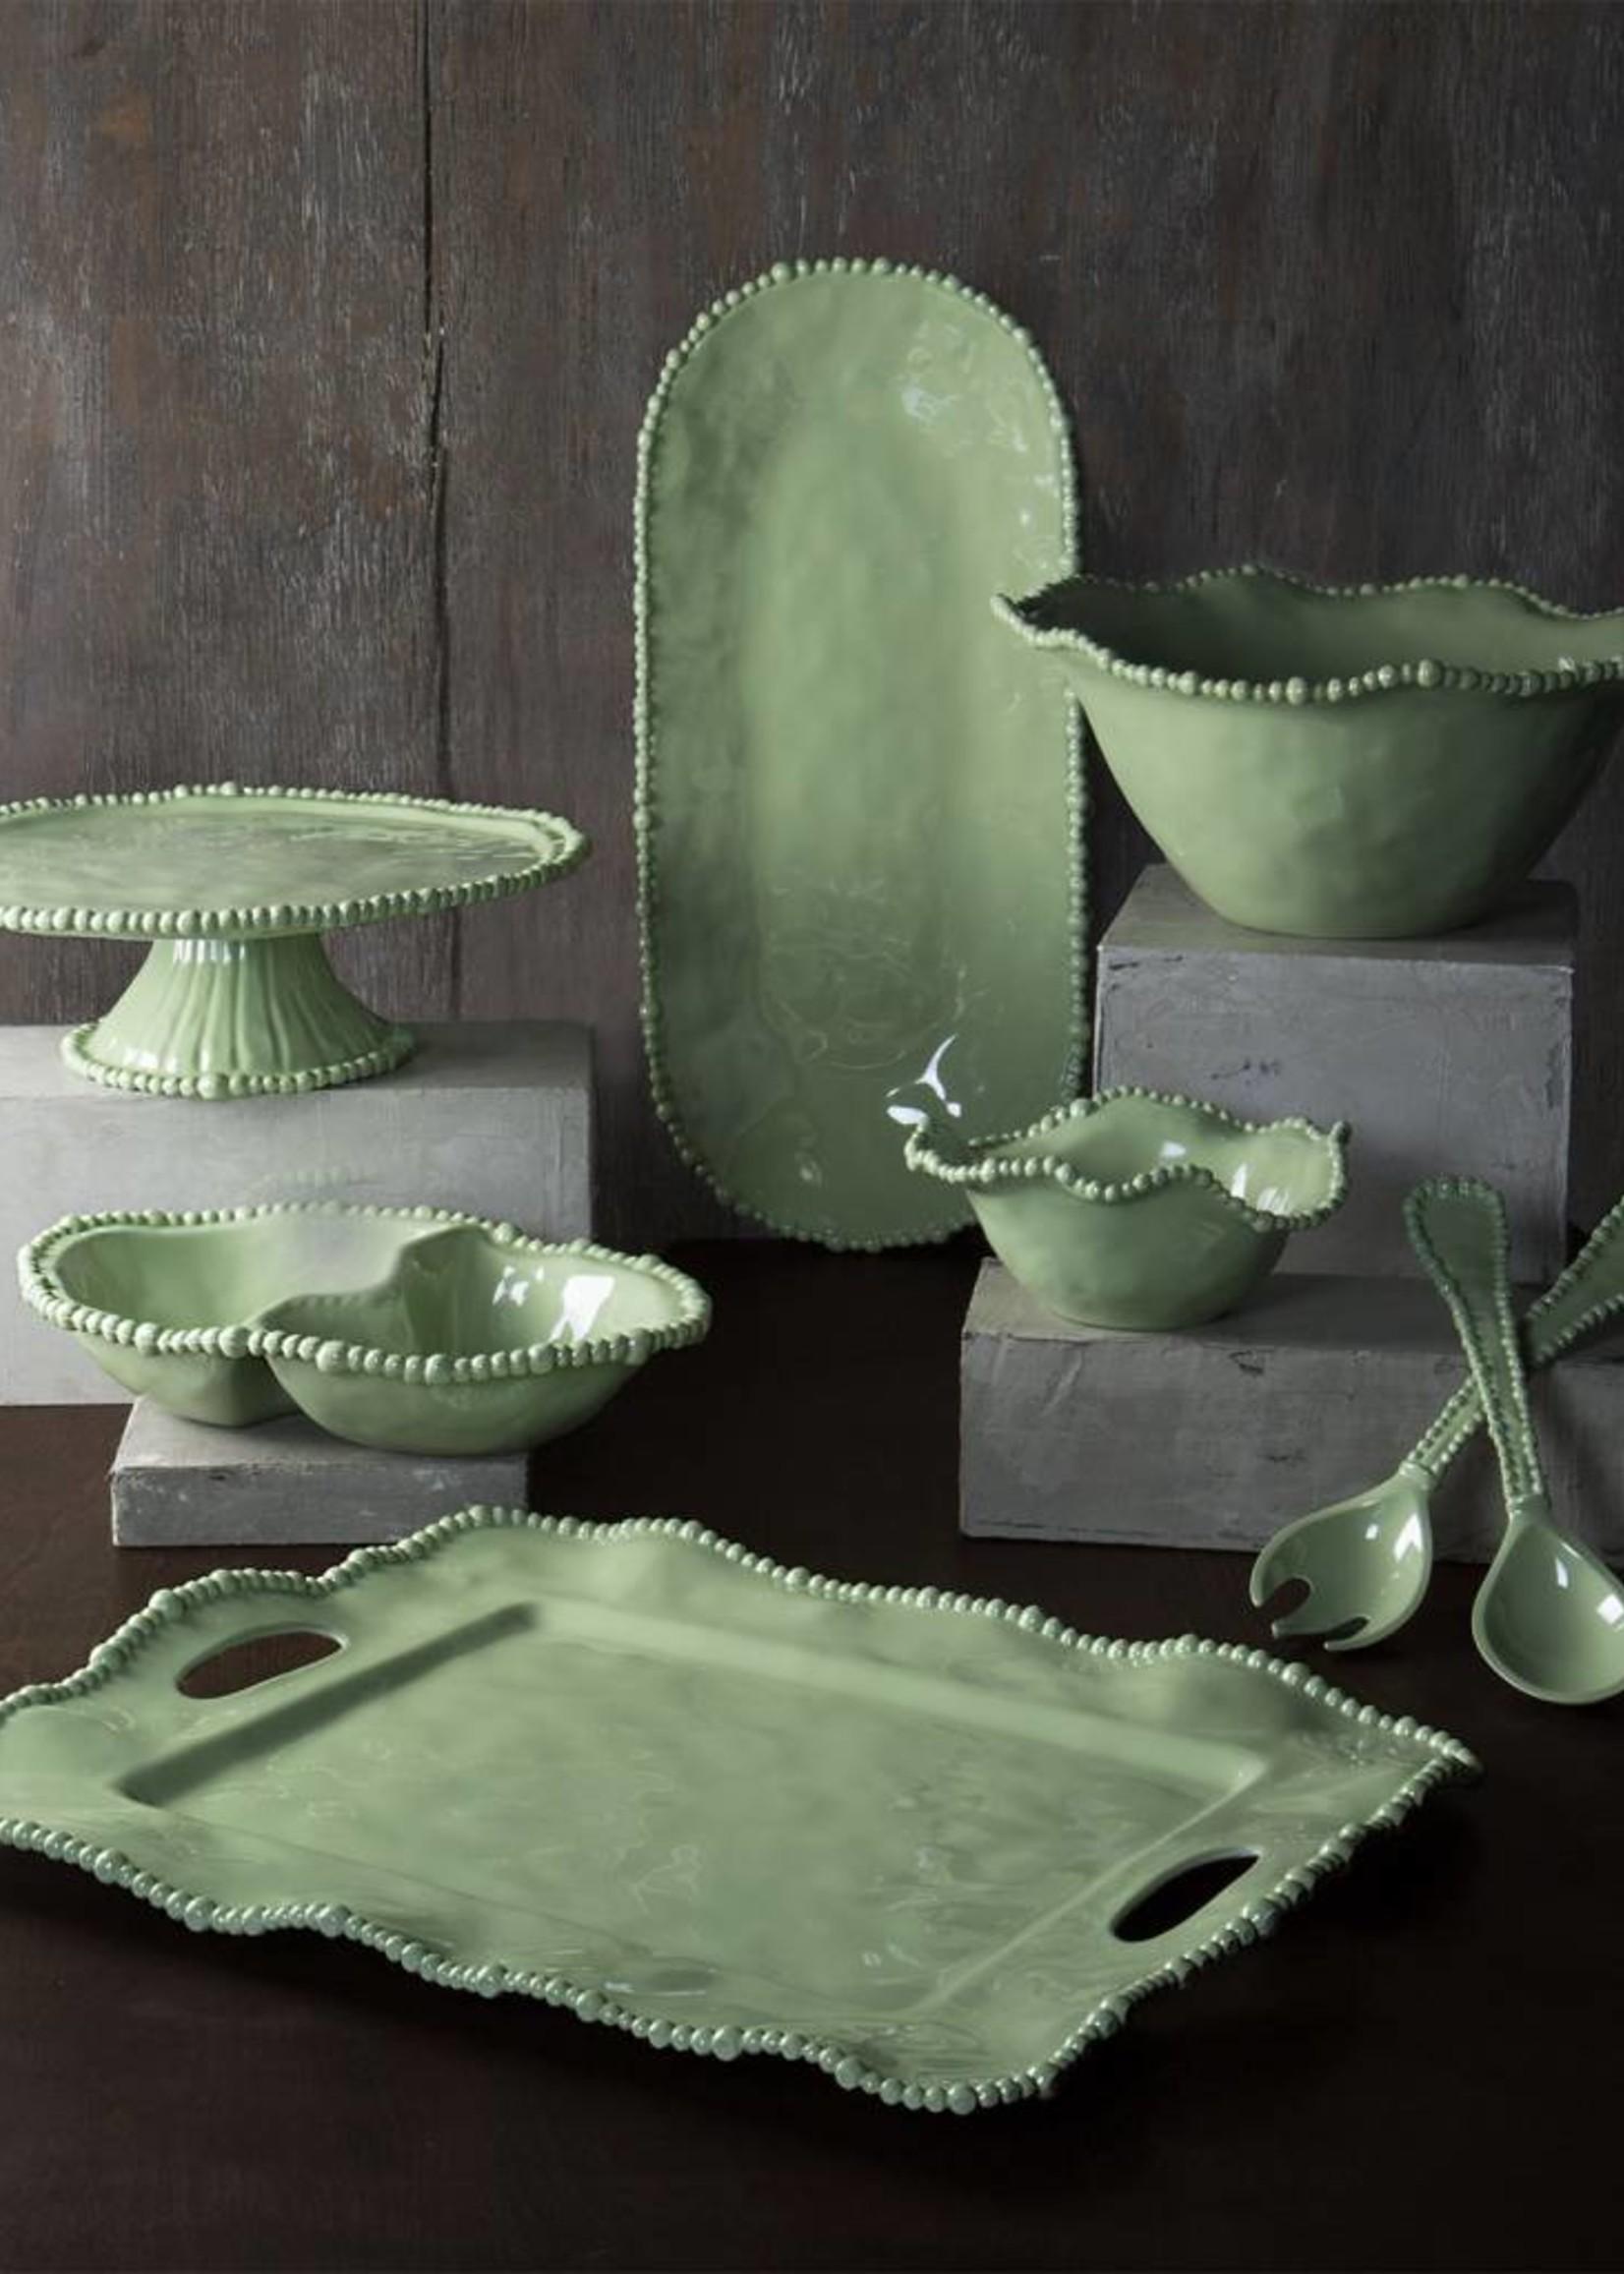 Beatriz Ball VIDA ALEGRIA Salad Servers (lg) - Green